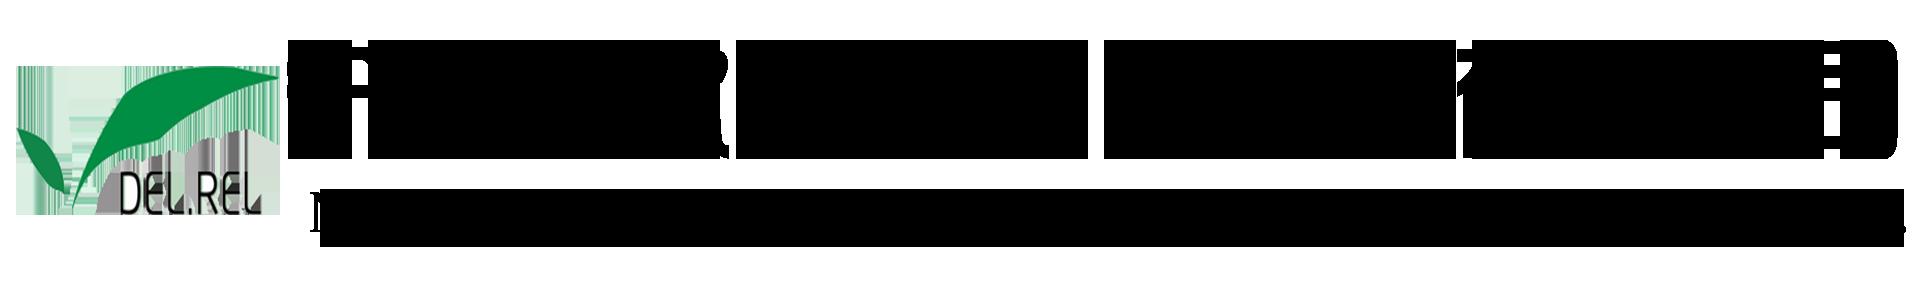 万博手机官网登录网页德尔瑞新能源设备有限公司